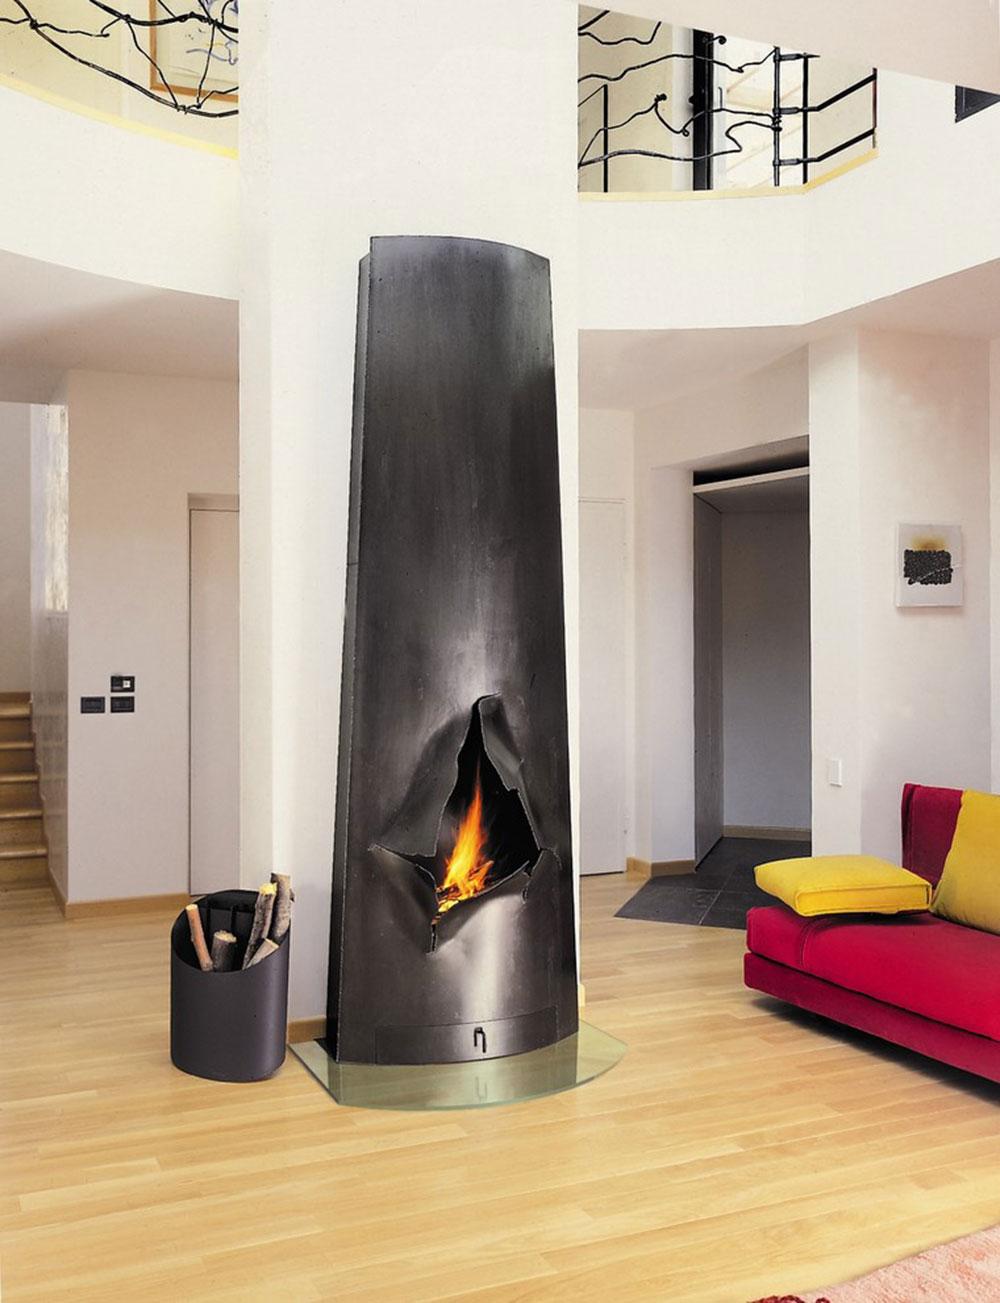 Design-ideas-for-firewood-storage3 firewood-storage design-ideas